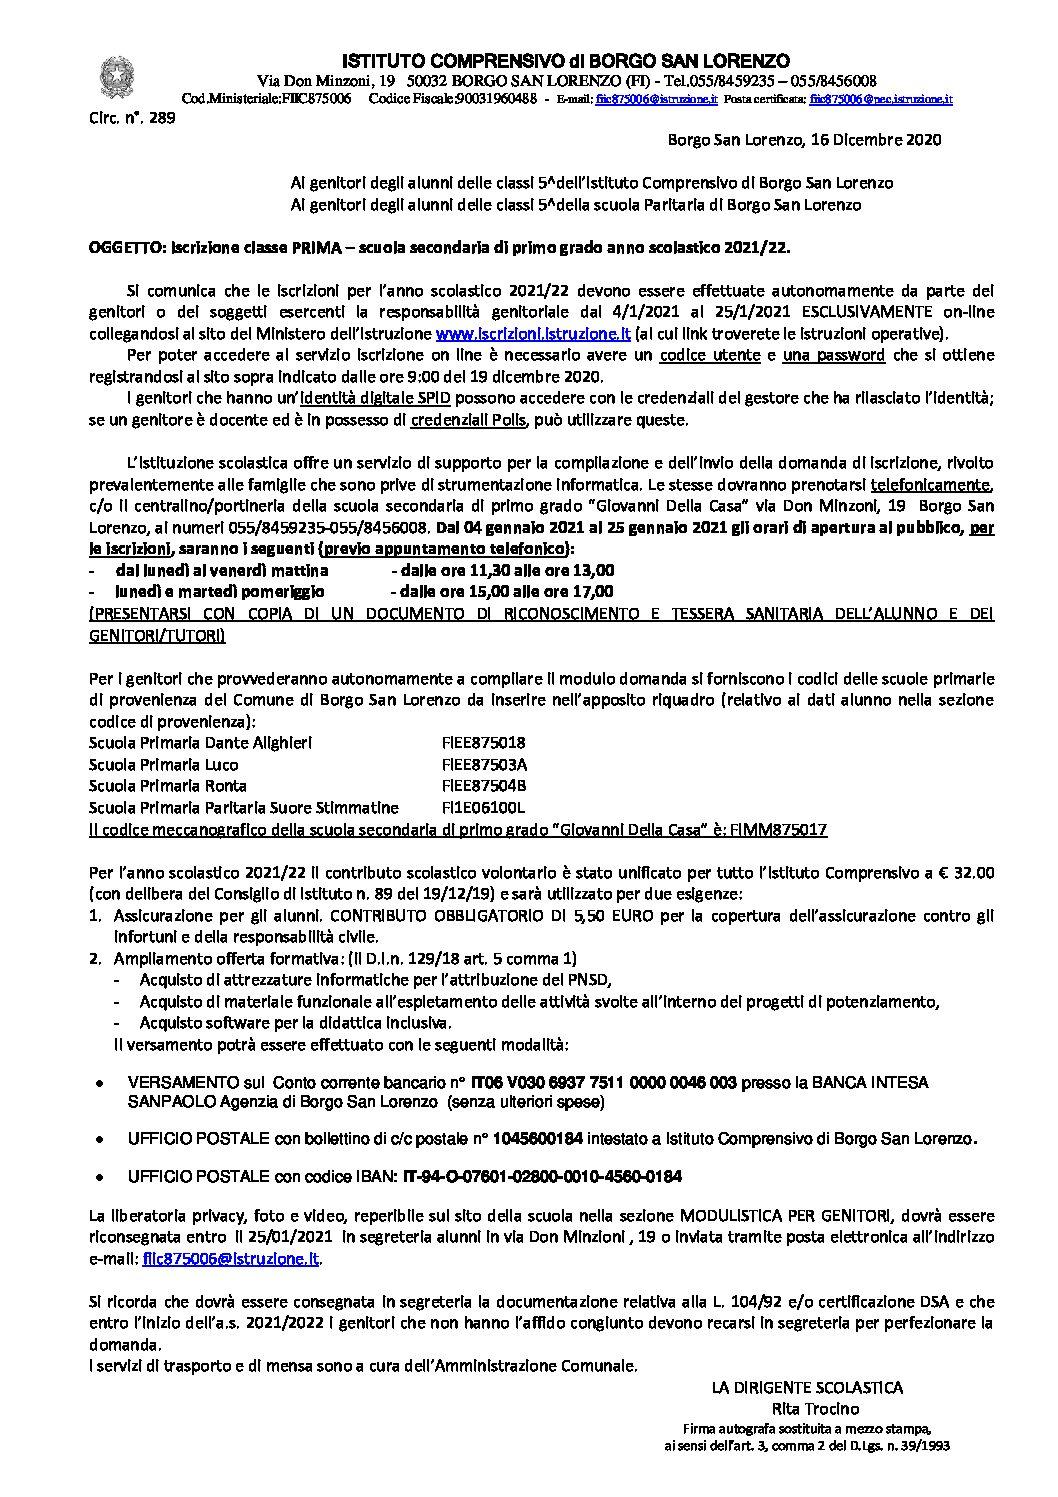 Circ.289 – Iscrizione classe PRIMA – scuola secondaria di primo grado anno scolastico 2021/22